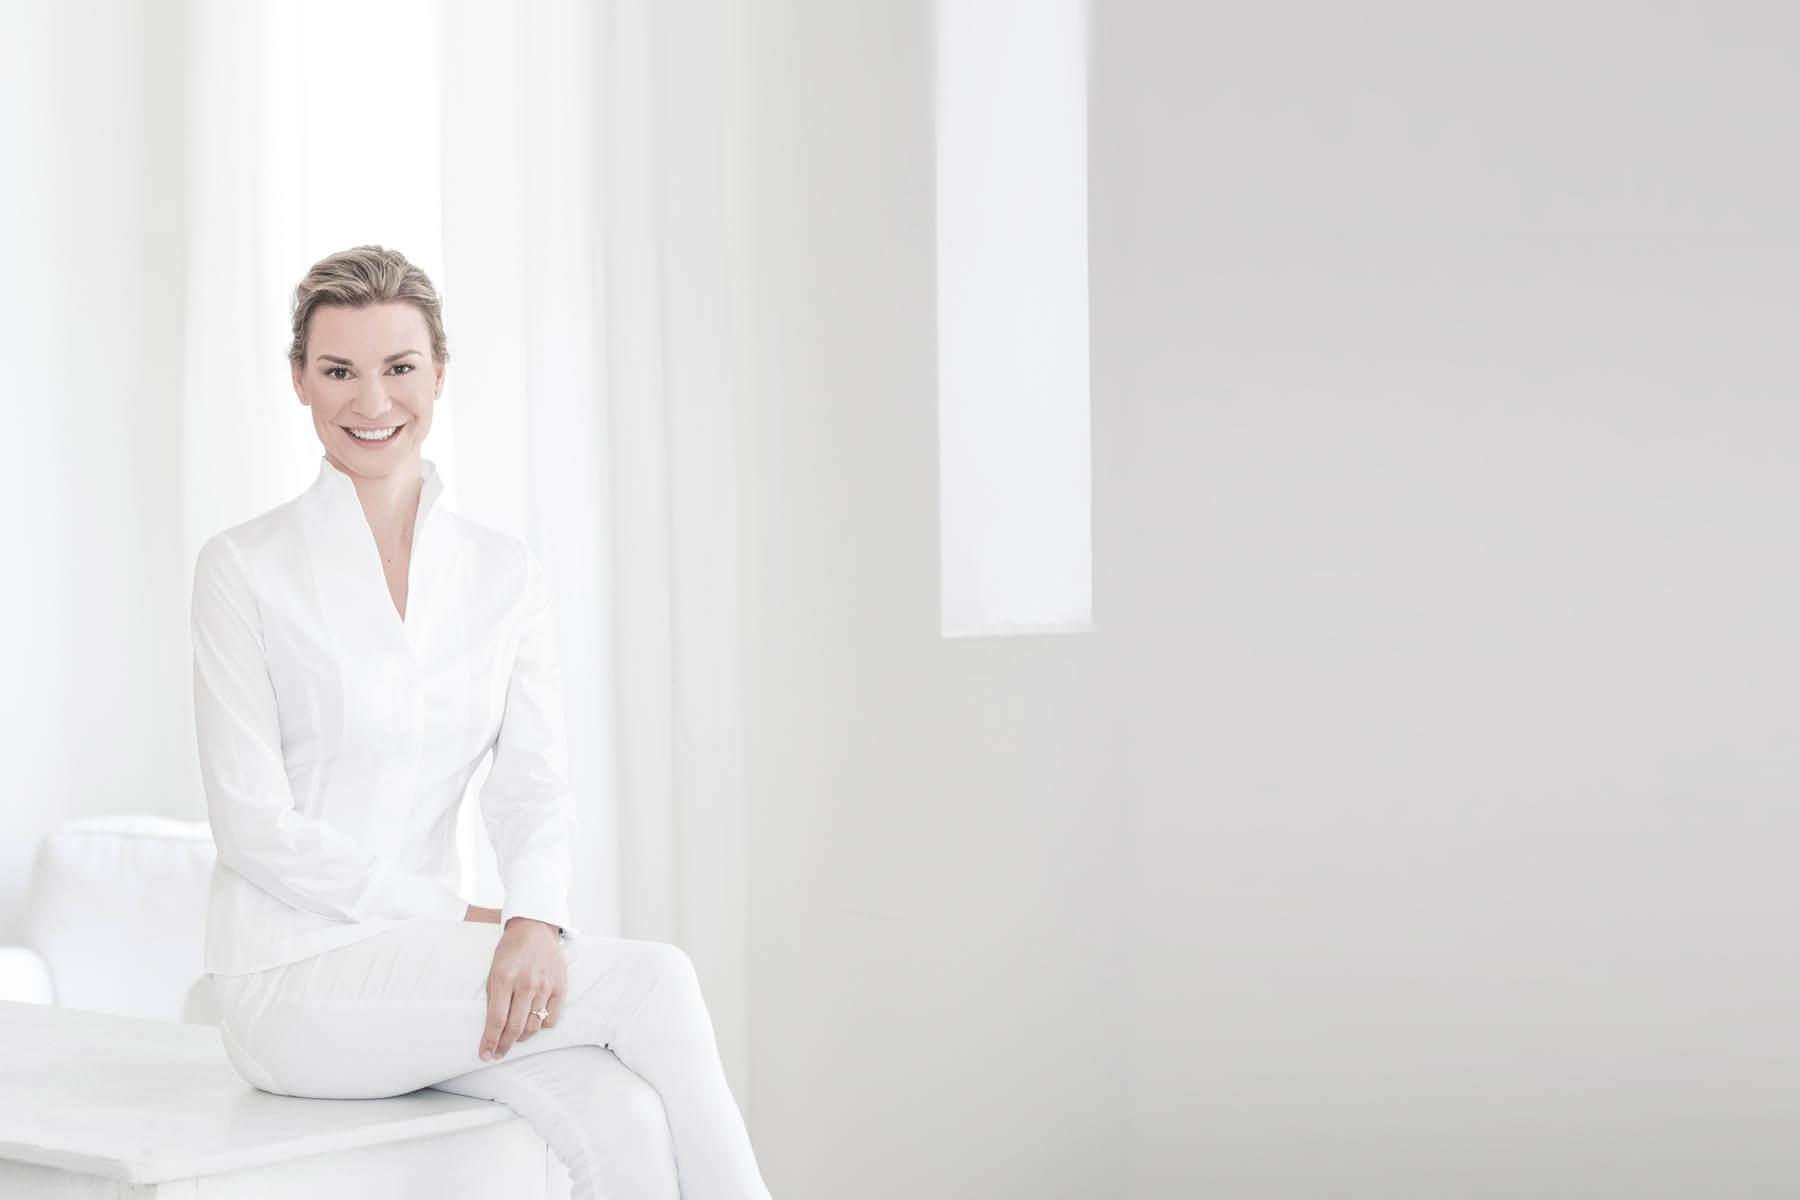 Dr. Janna Harder